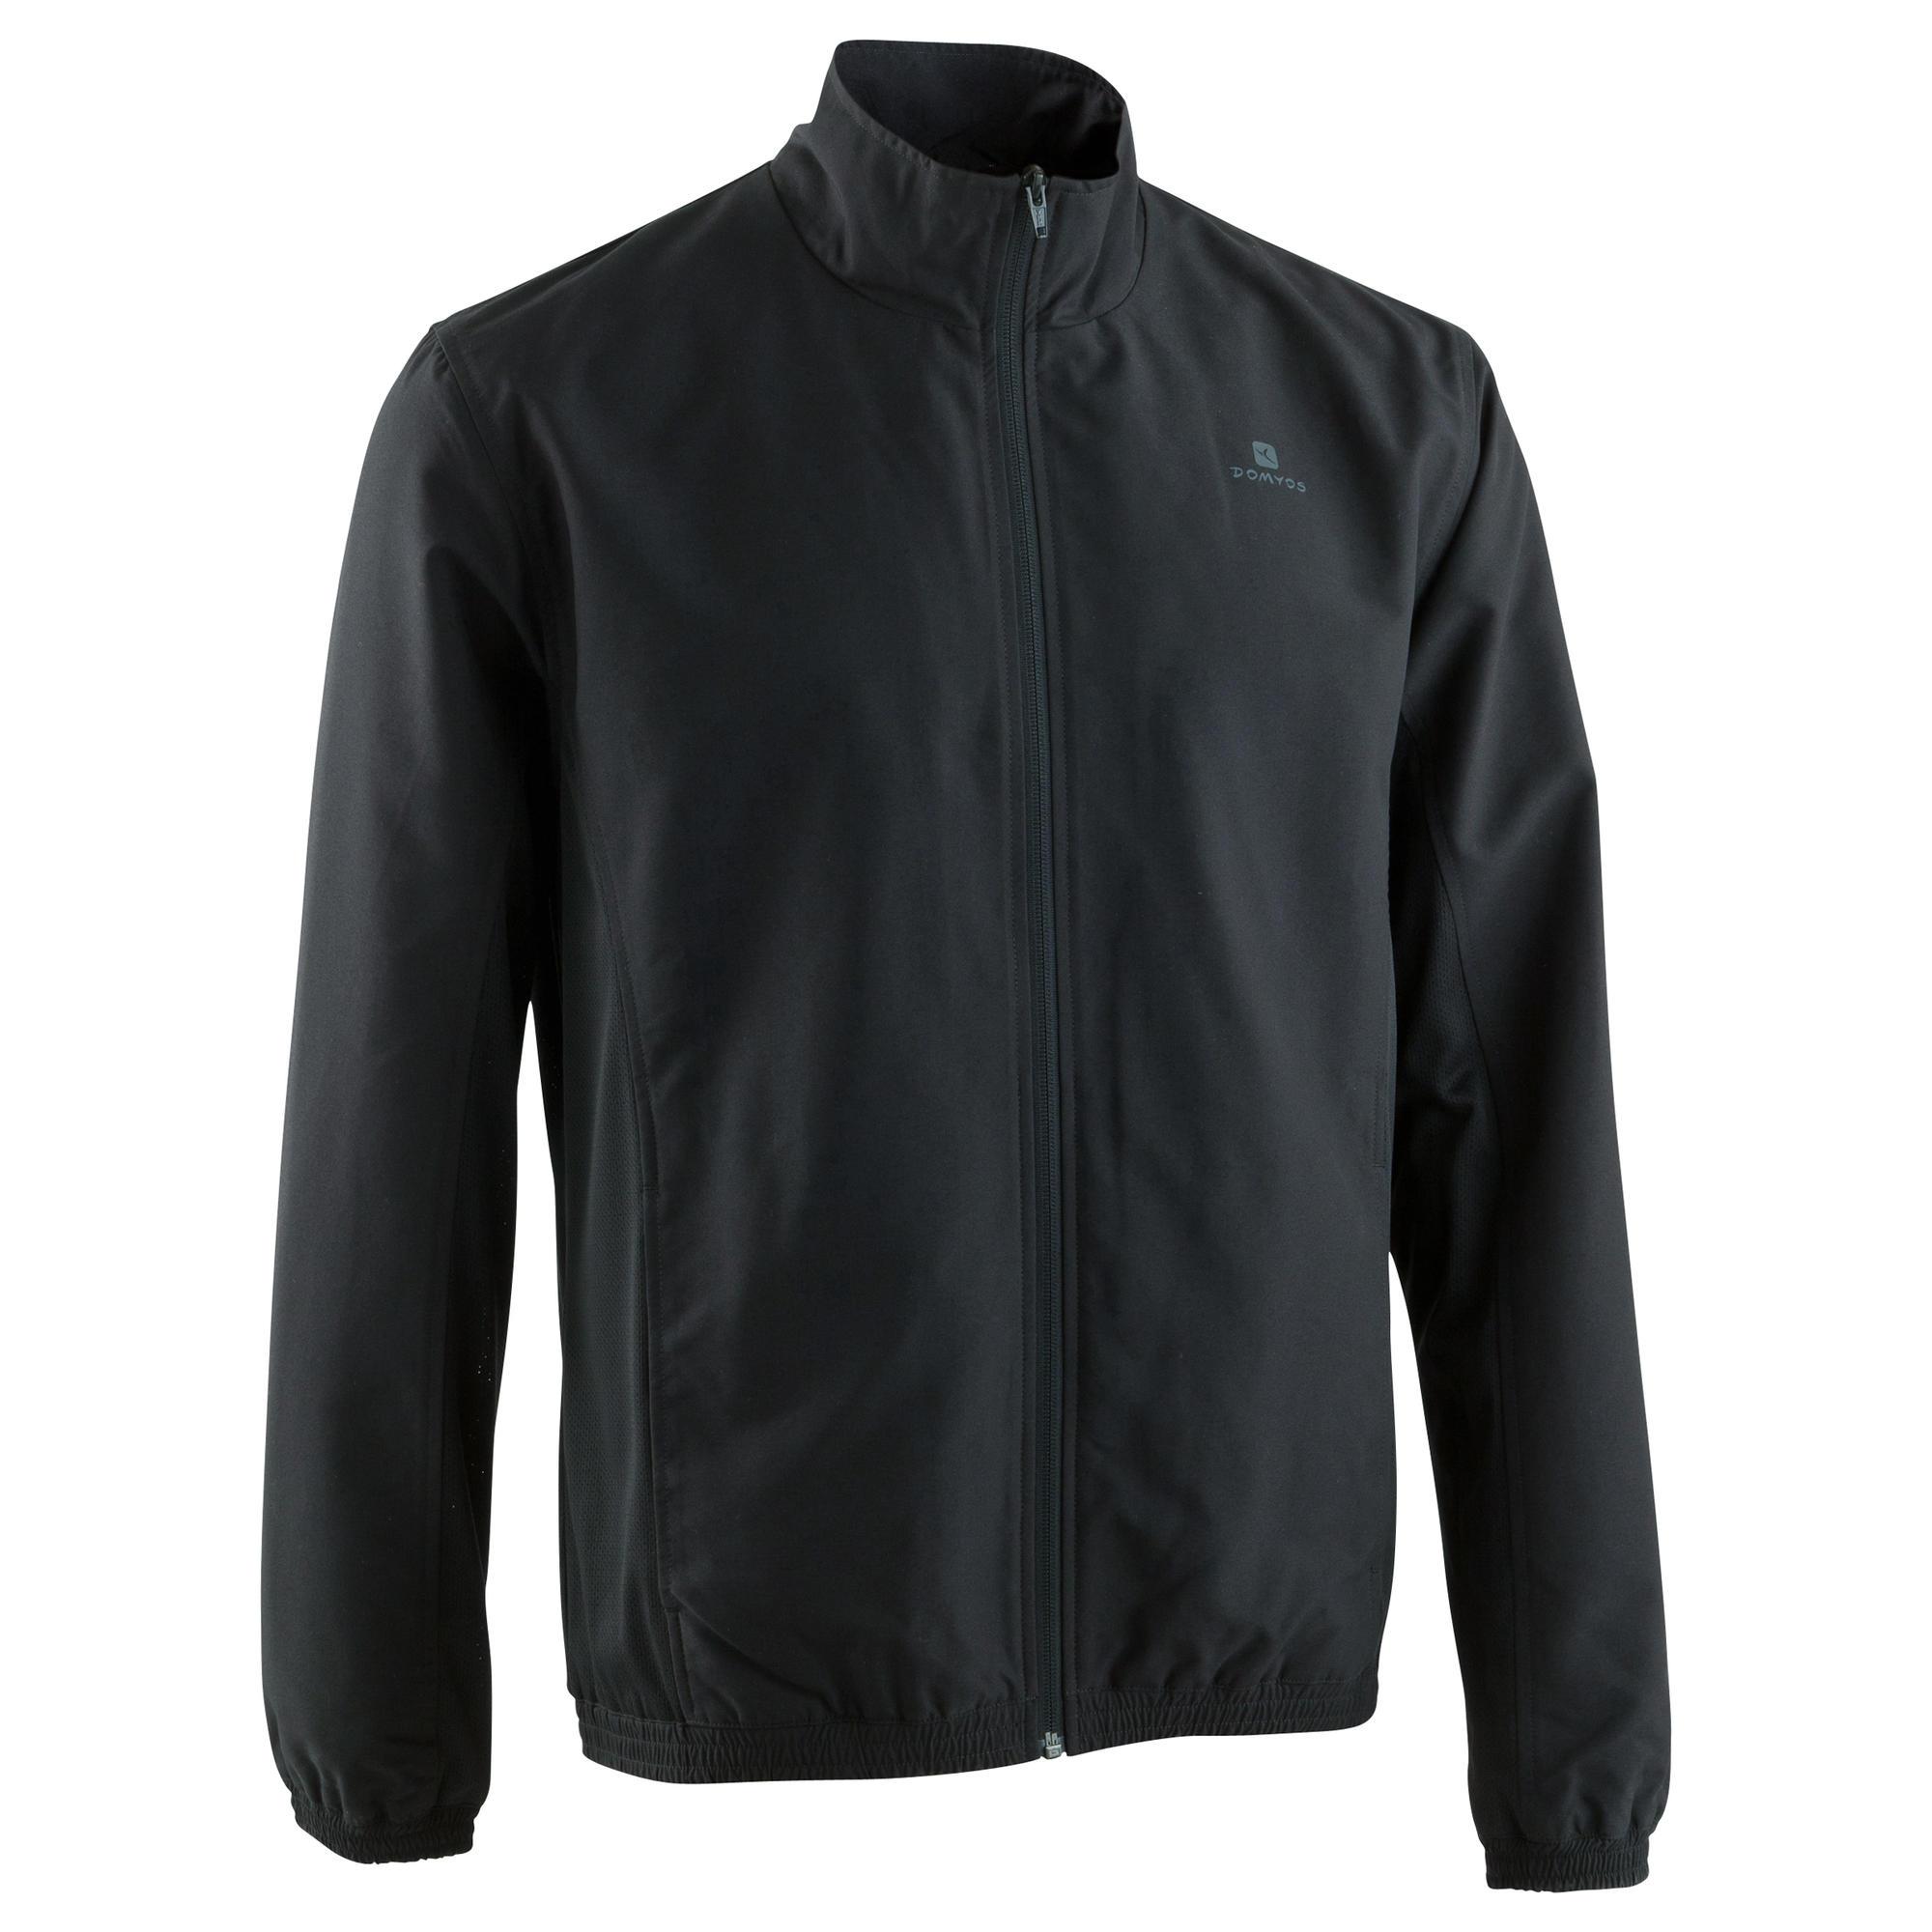 2020 best quality for amazing quality Menswear - FJA 100 Cardio Fitness Tracksuit Jacket - Black